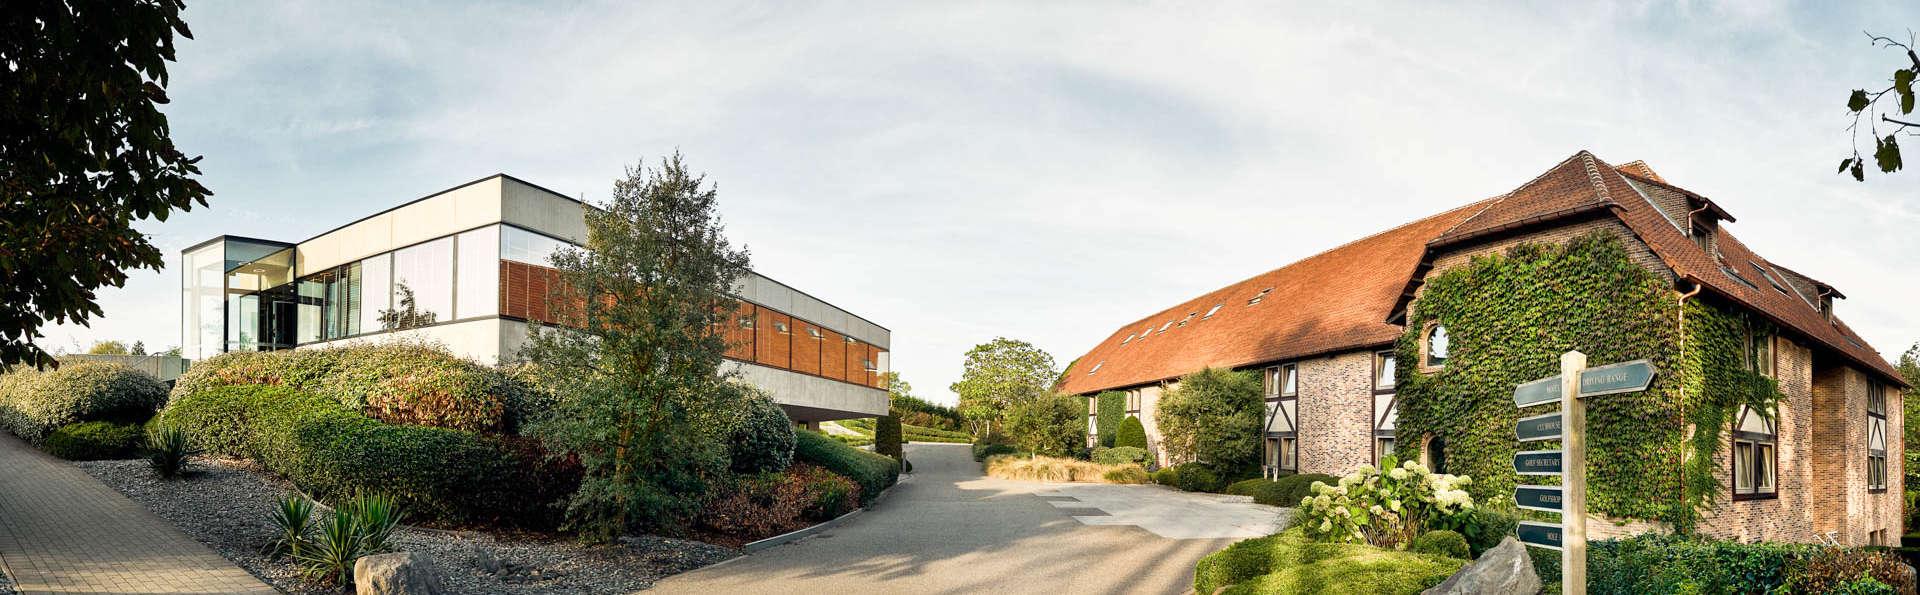 Hotel Stiemerheide - EDIT_NEW_EXTERIOR-3.jpg